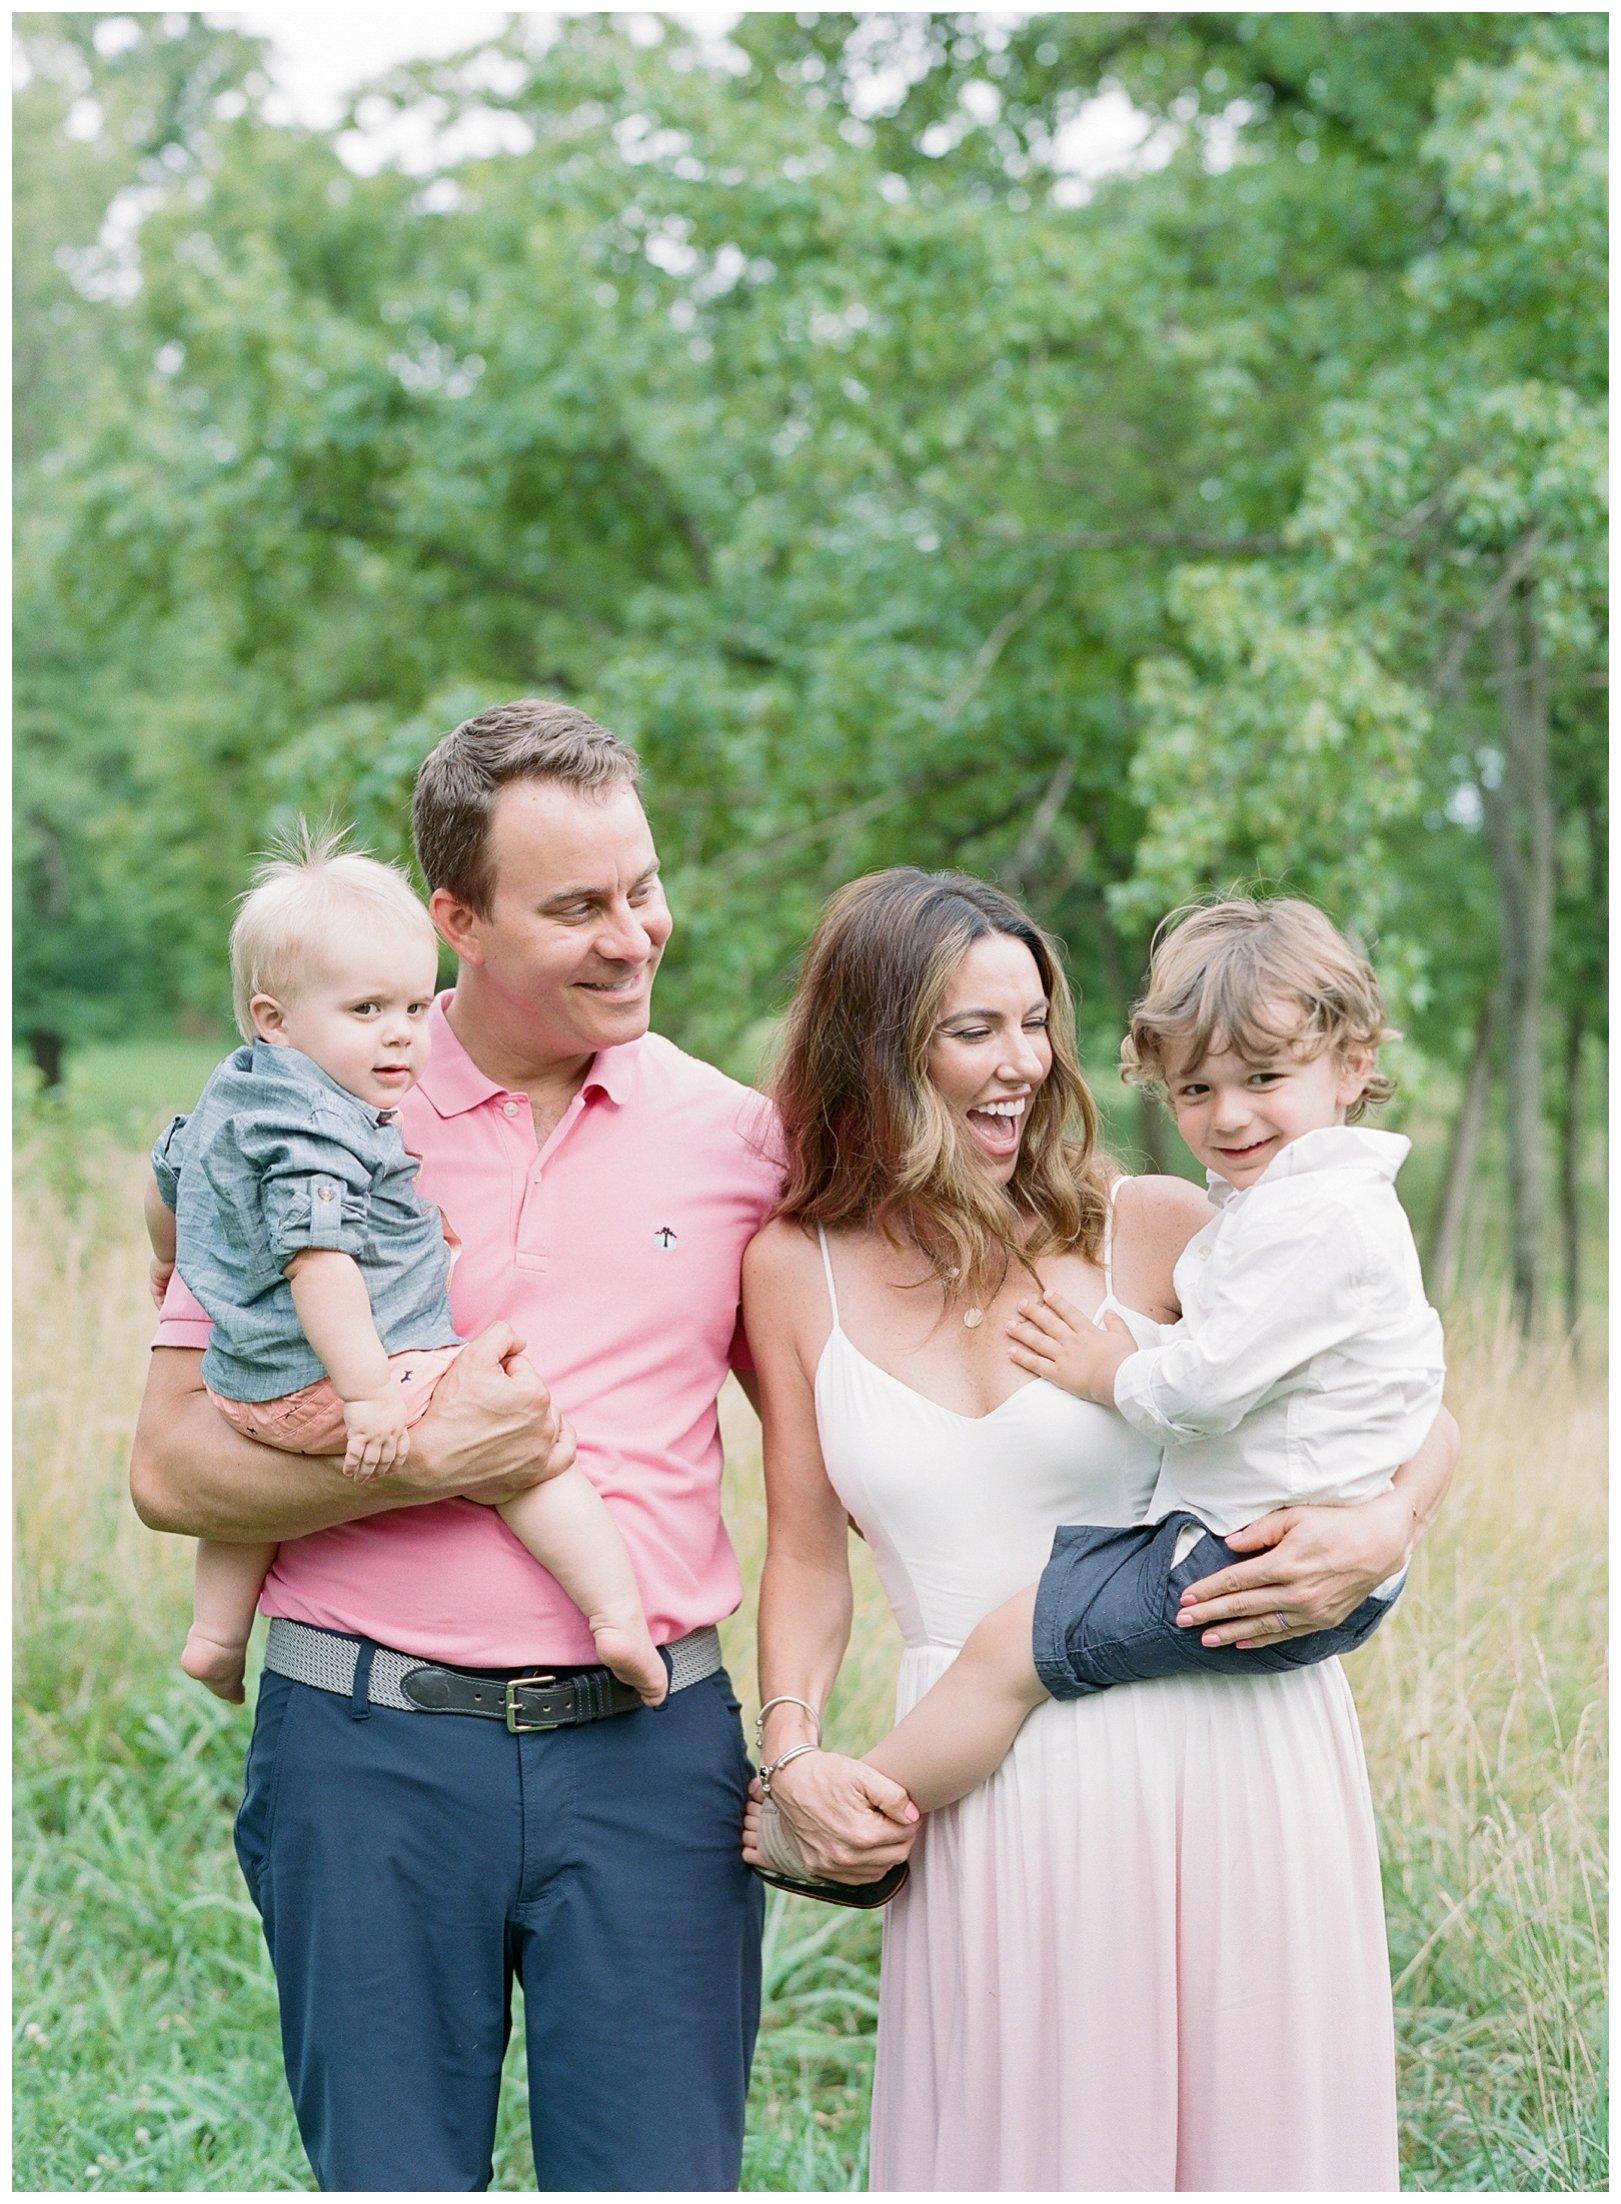 lauren muckler photography_fine art film wedding photography_st louis_photography_3414.jpg